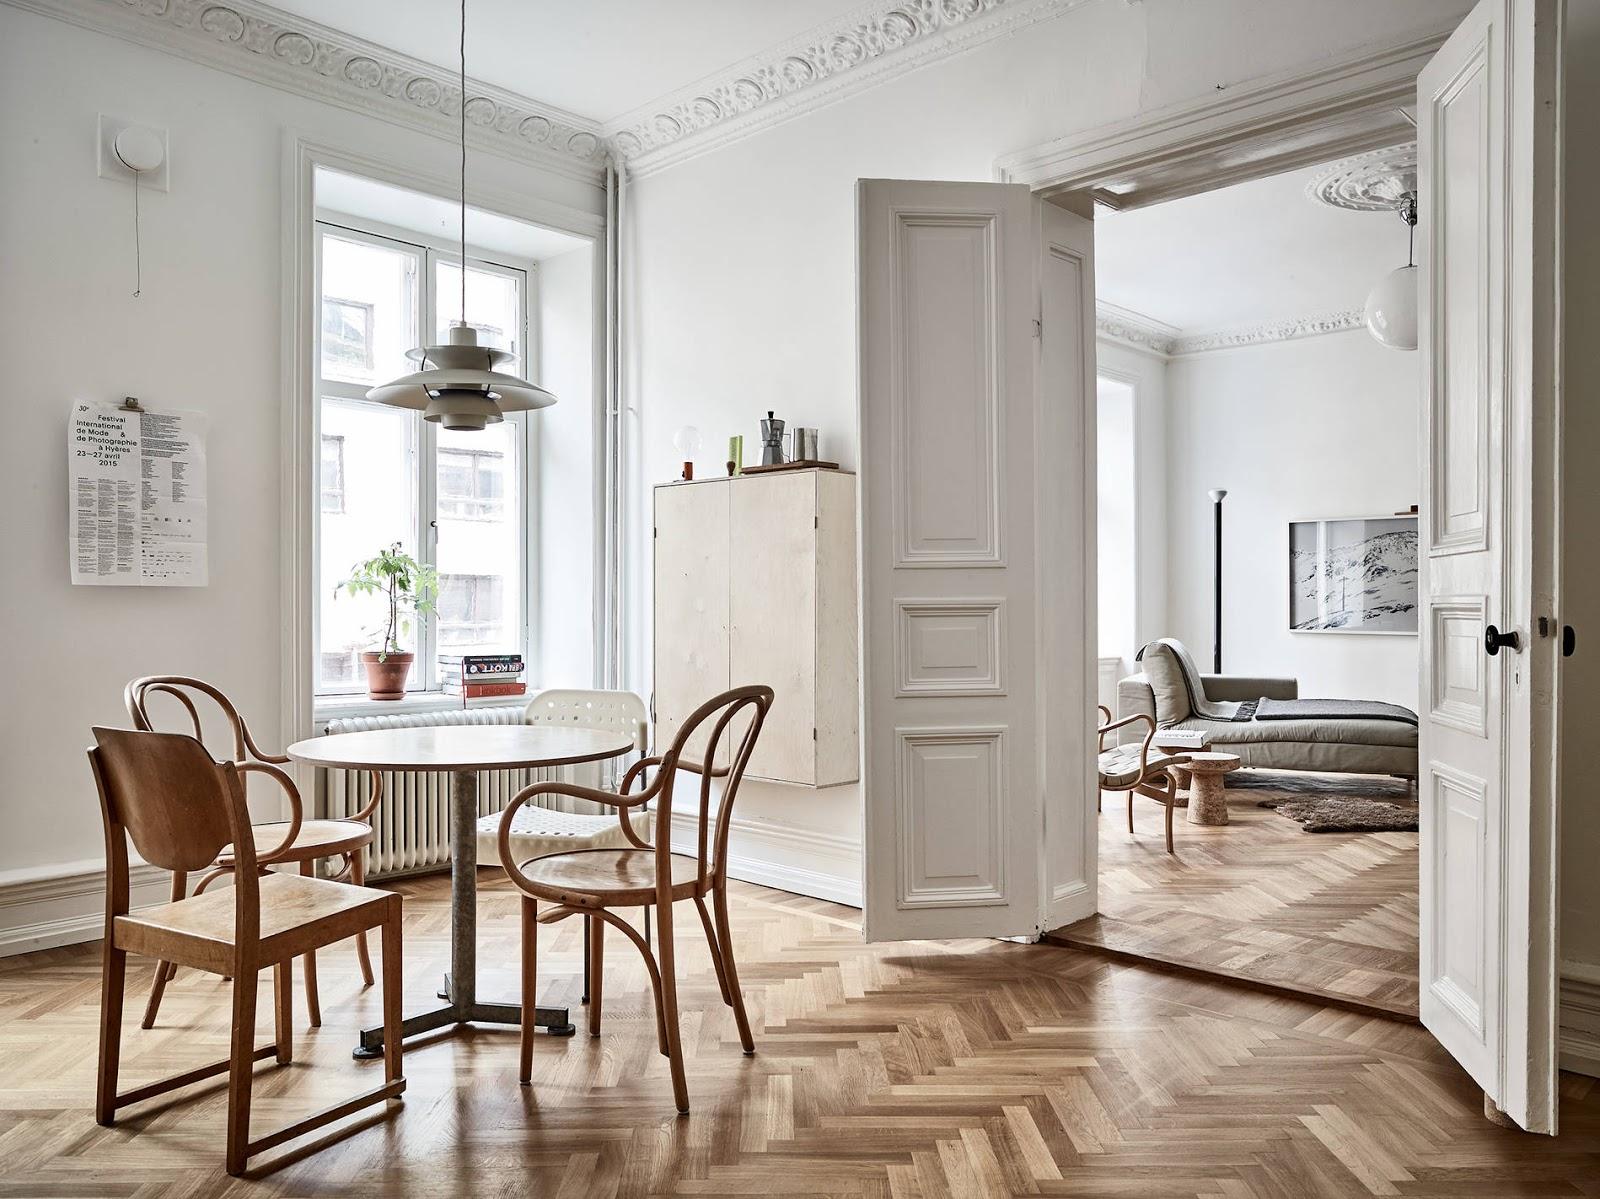 Fabuleux Stile Nordico Arredamento. Trendy Consigli Per Arredare La Casa In  WS15